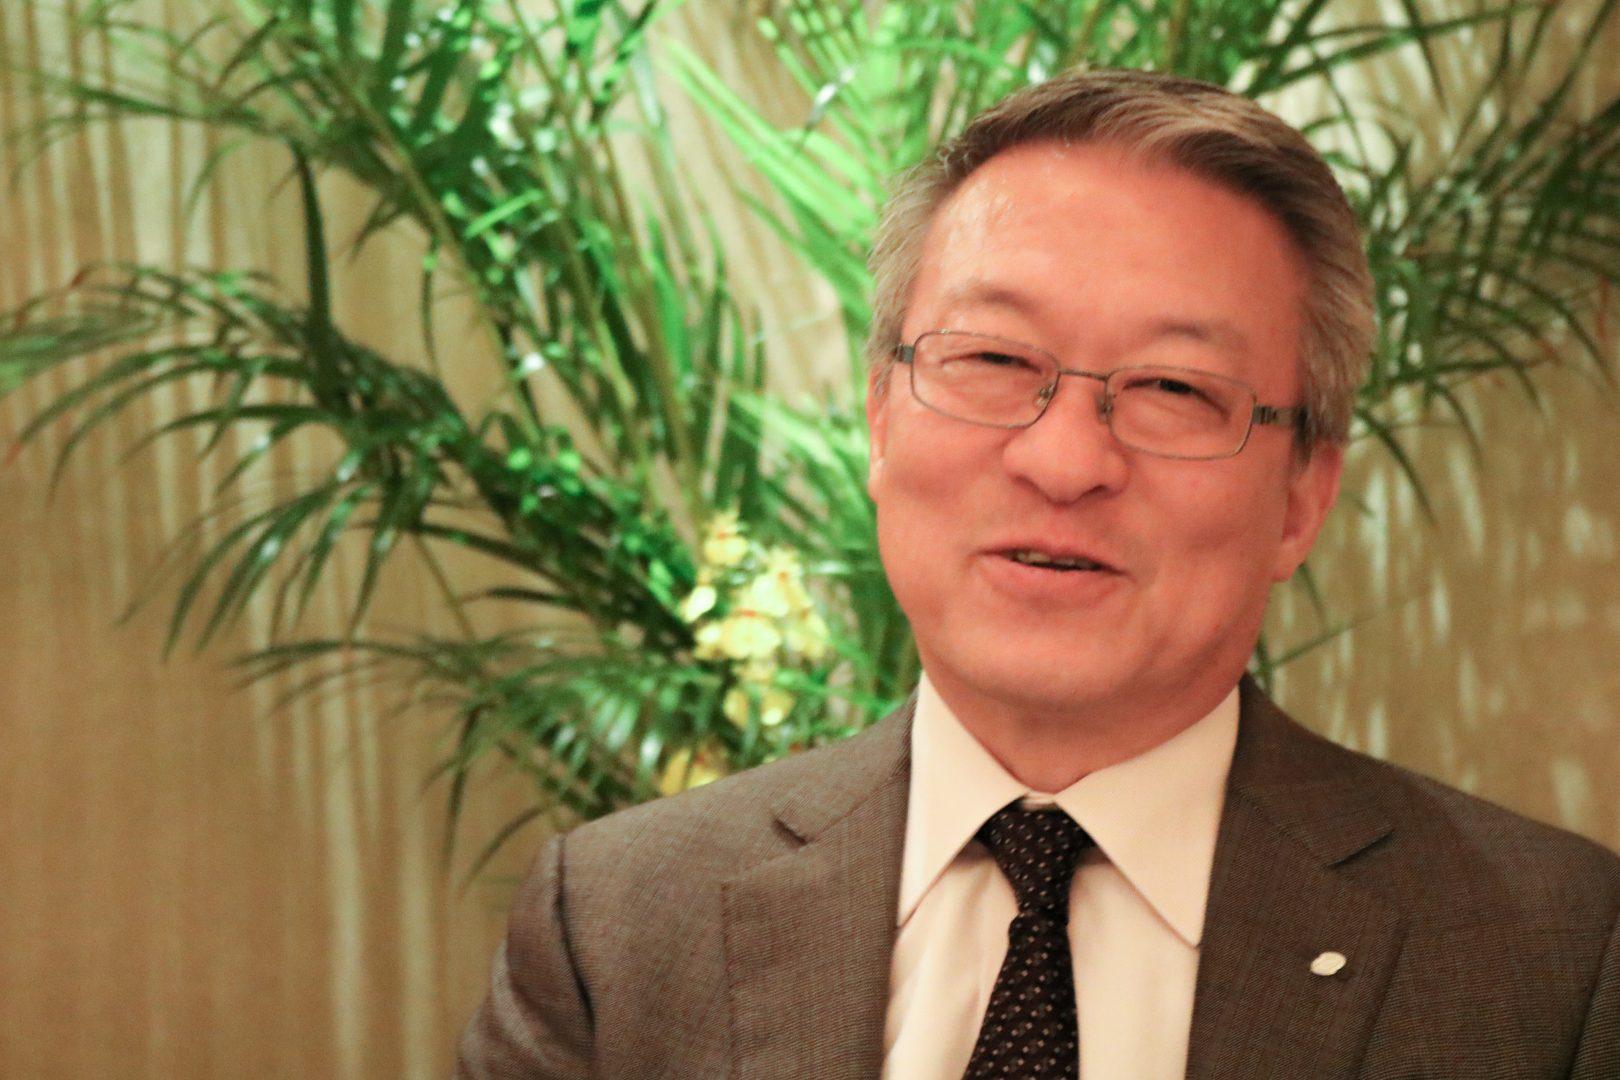 「頼まれたものは、やる」 TOP名古屋小田オーナーのリーダーシップと、スポーツにかける思い【インタビュー前編】